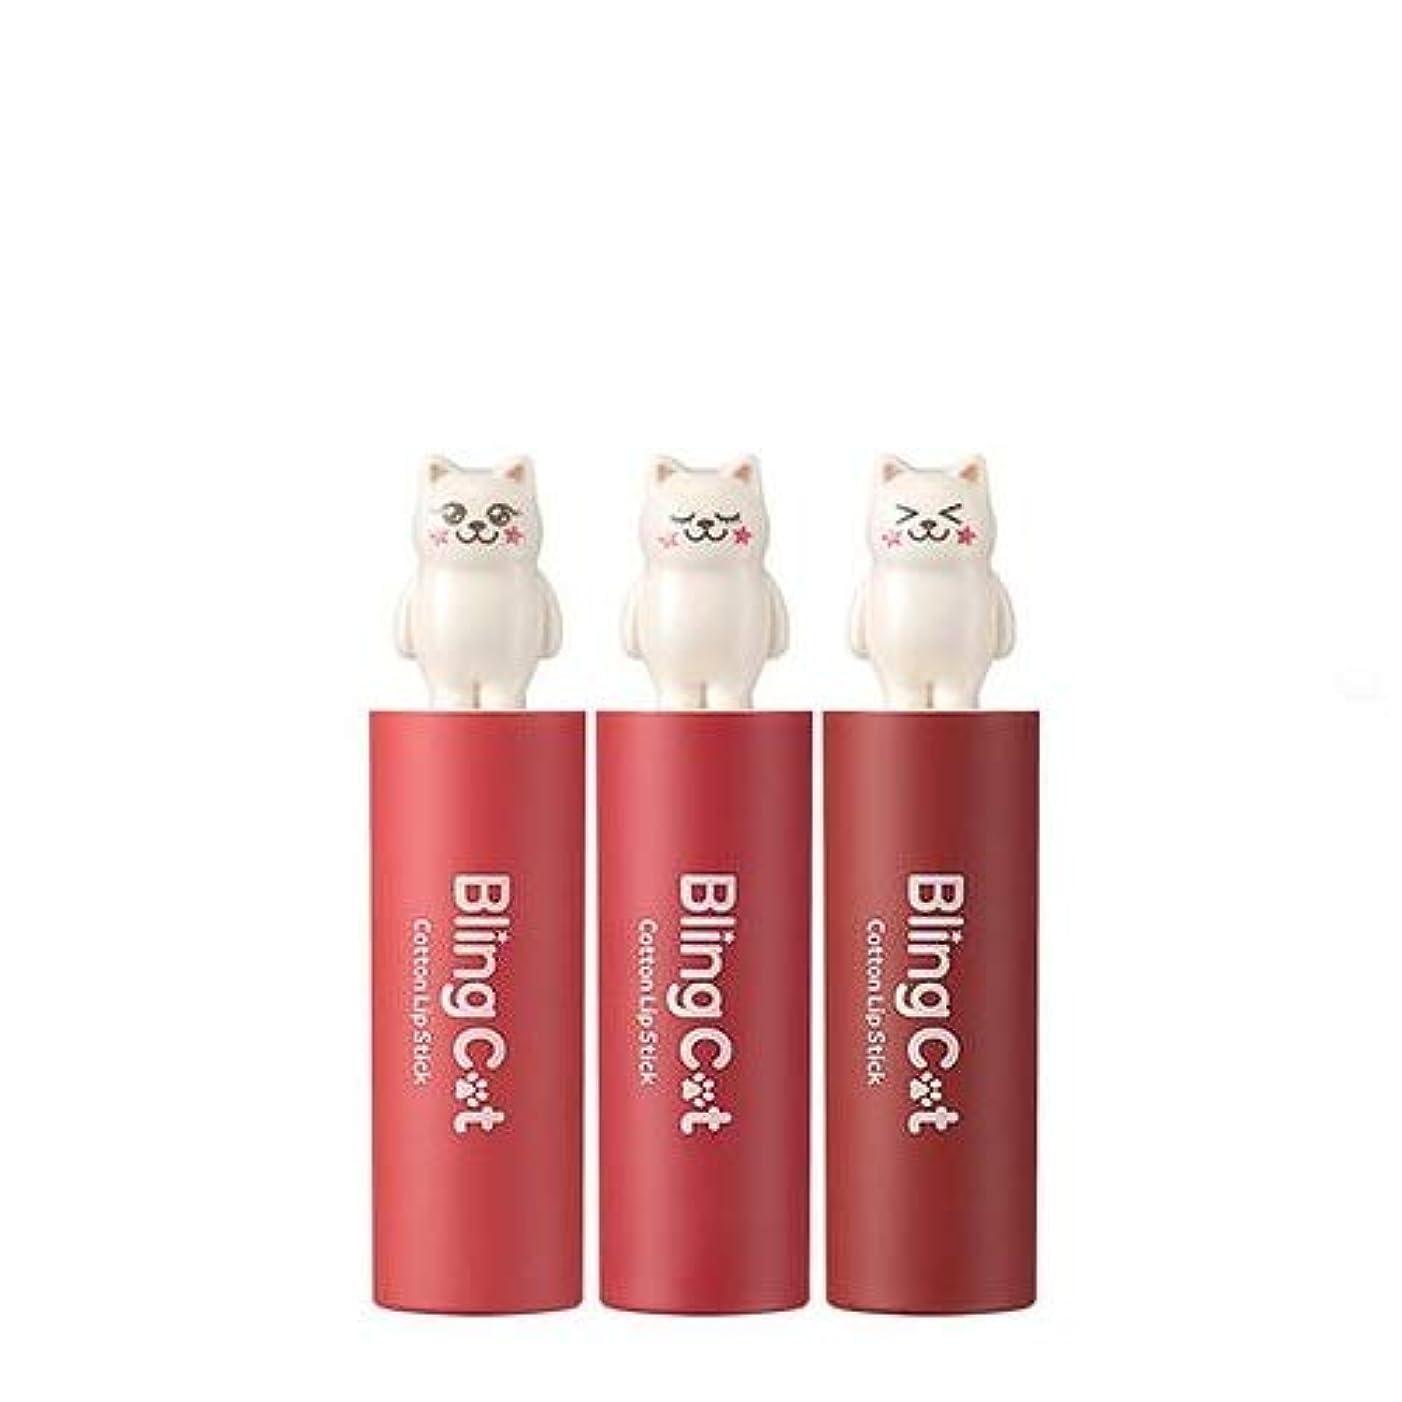 賞賛手足大陸トニーモリー ブリングキャット コットン リップスティック 3.4g / TONYMOLY Bling Cat Cotton Lipstick # 07. Lilac Tear [並行輸入品]